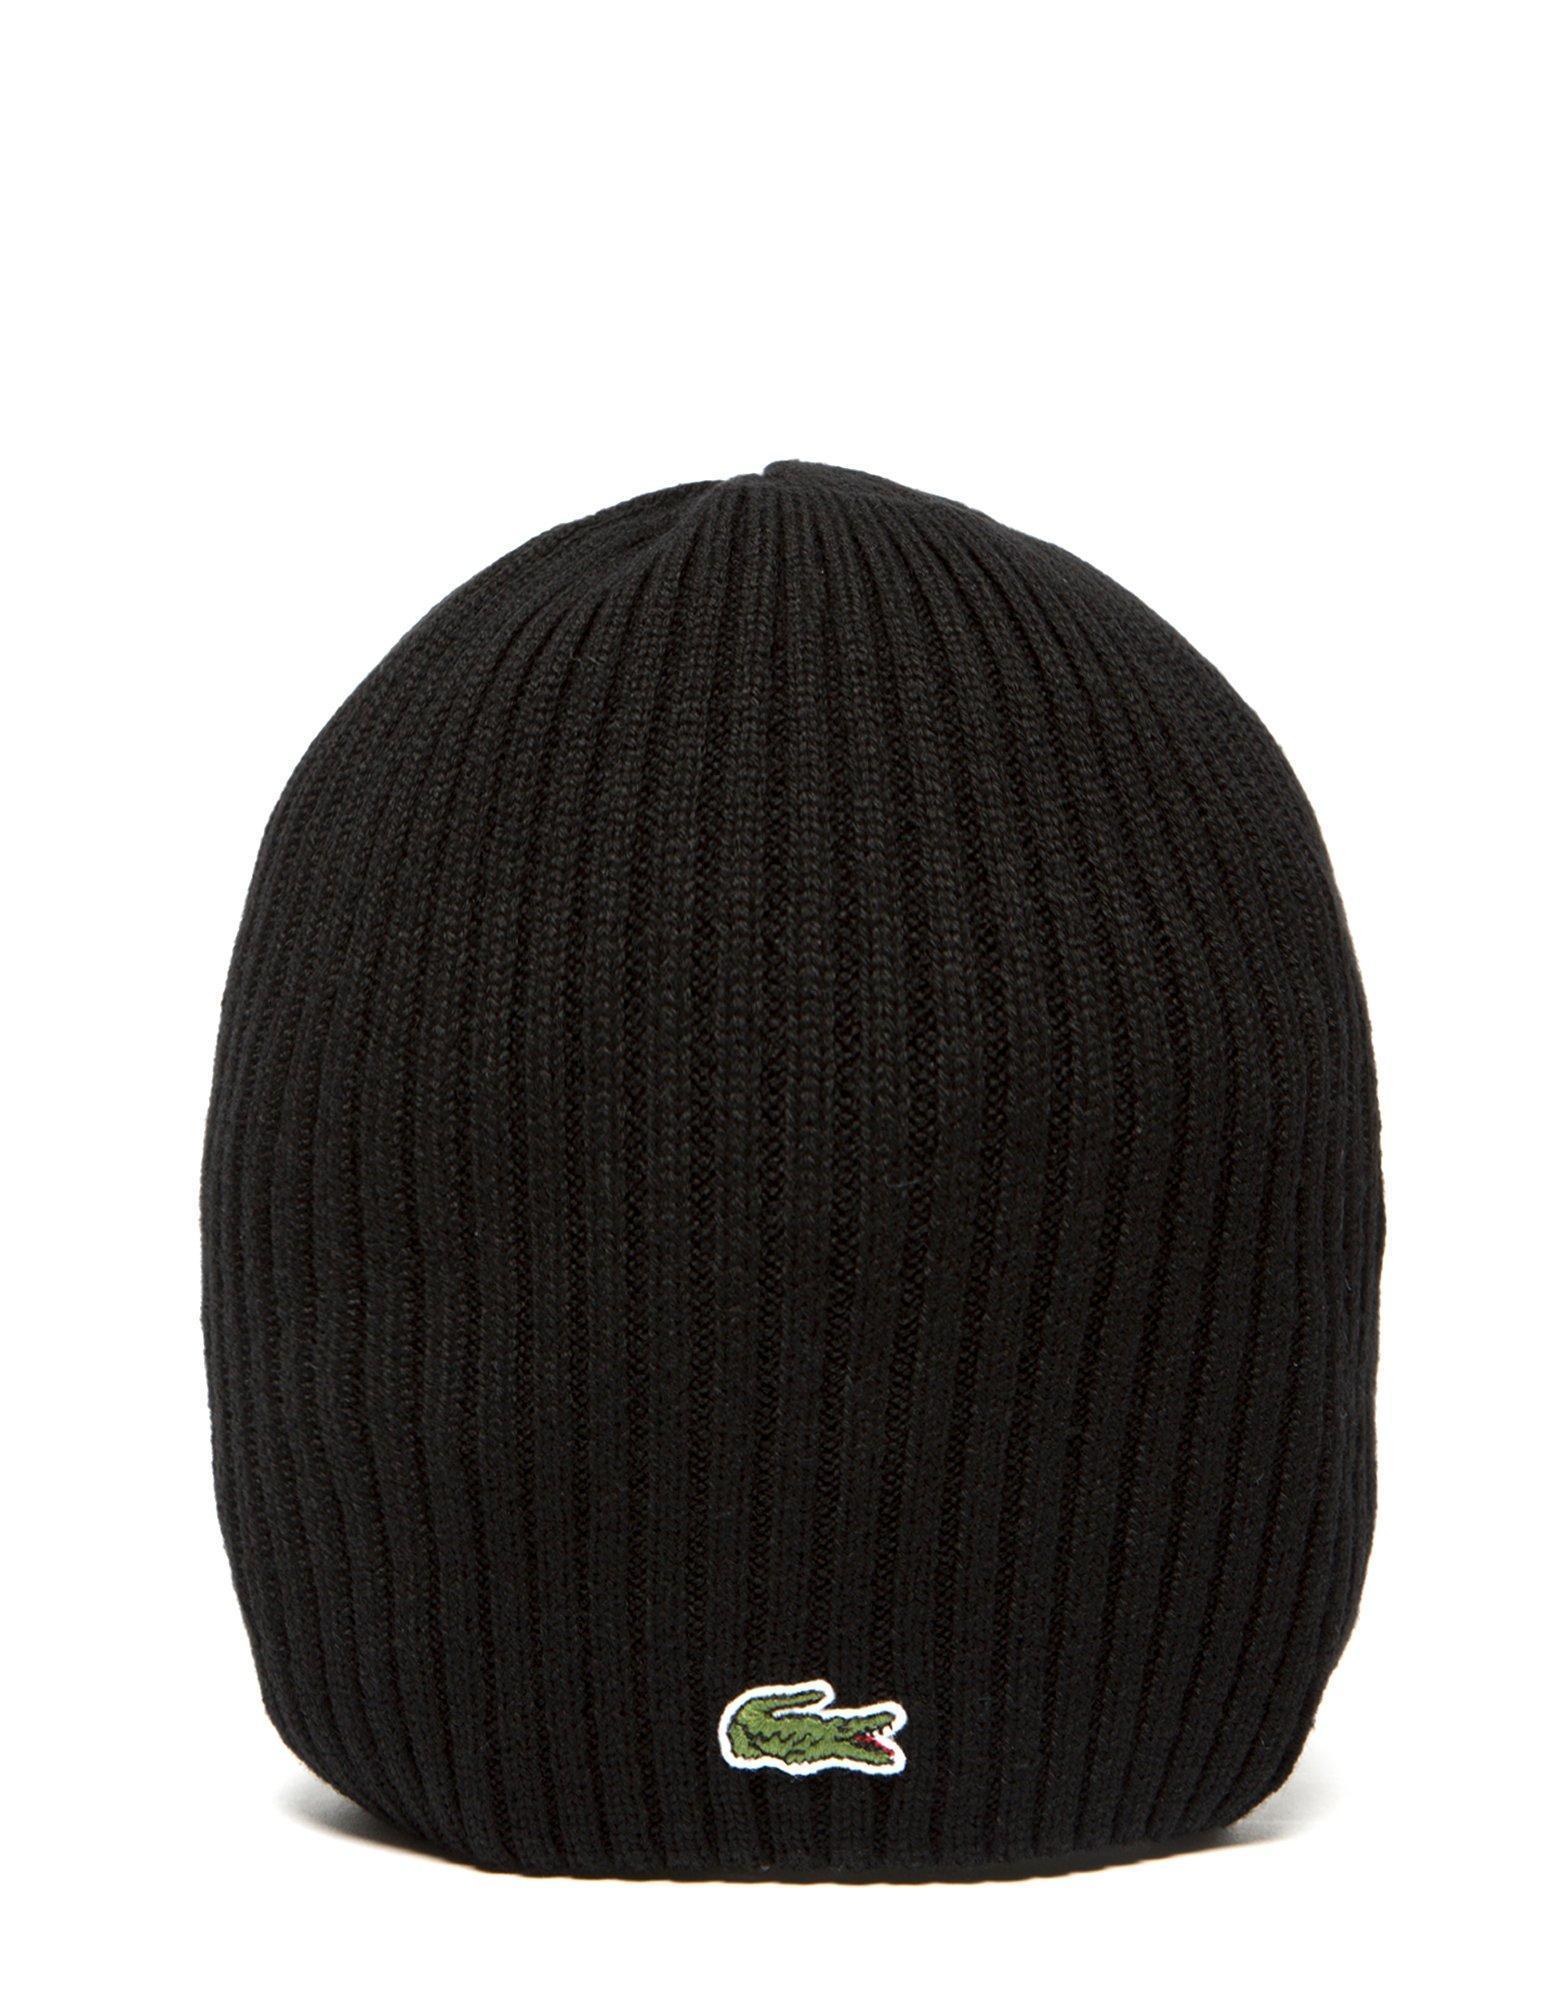 Lyst - Lacoste Pip Beanie Hat in Black for Men